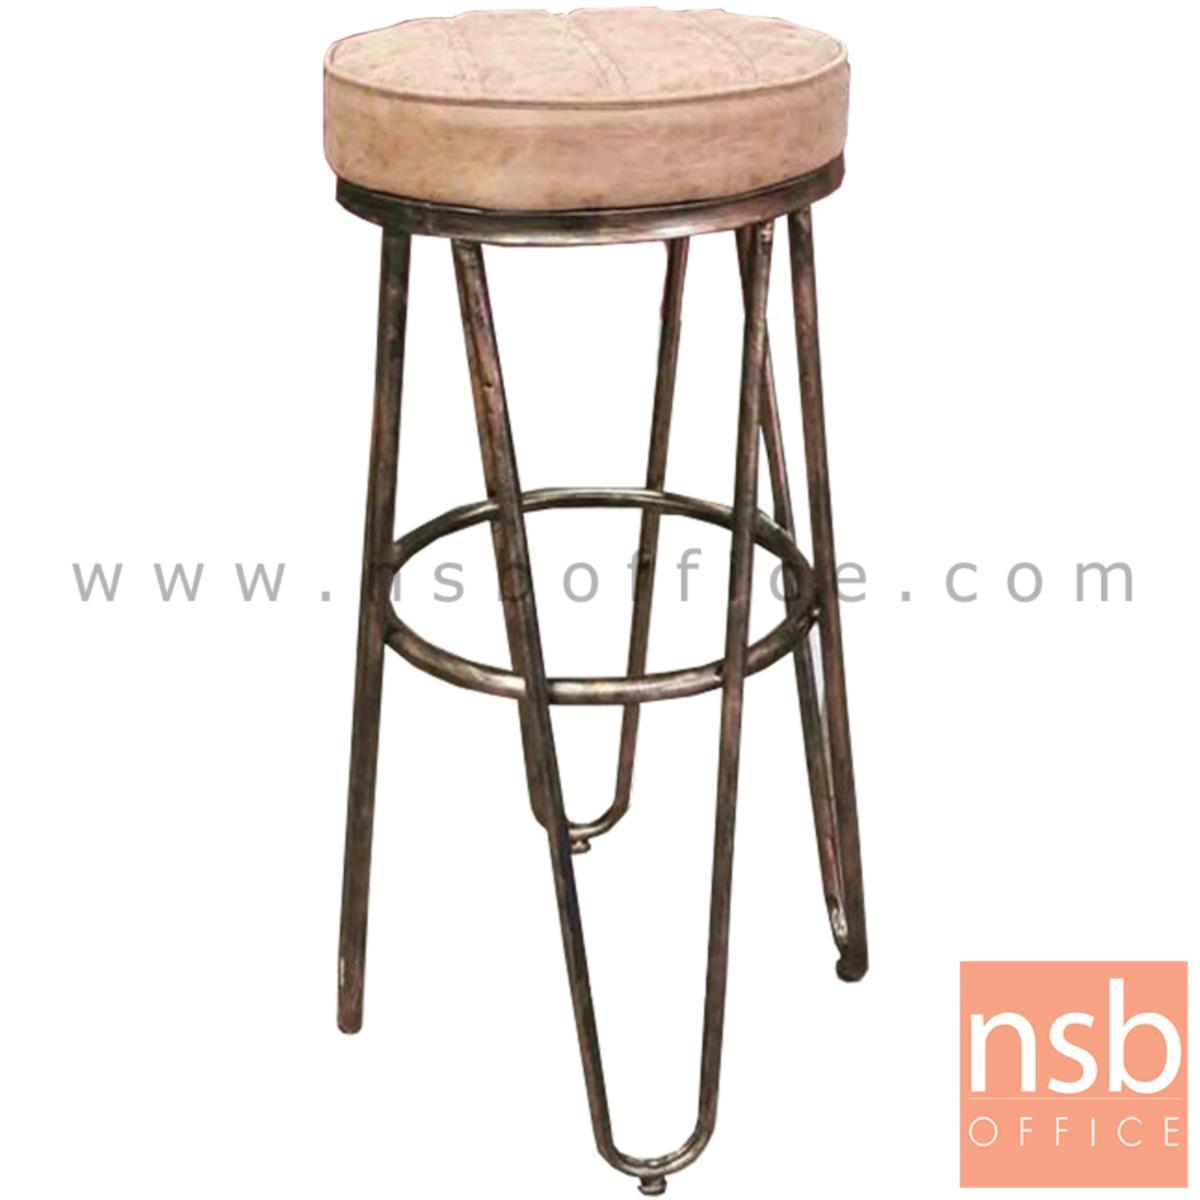 B18A074:เก้าอี้บาร์สูง รุ่น BC-CO ขนาด 33Di cm. โครงขาเหล็กสีทองตัดสีรมดำ